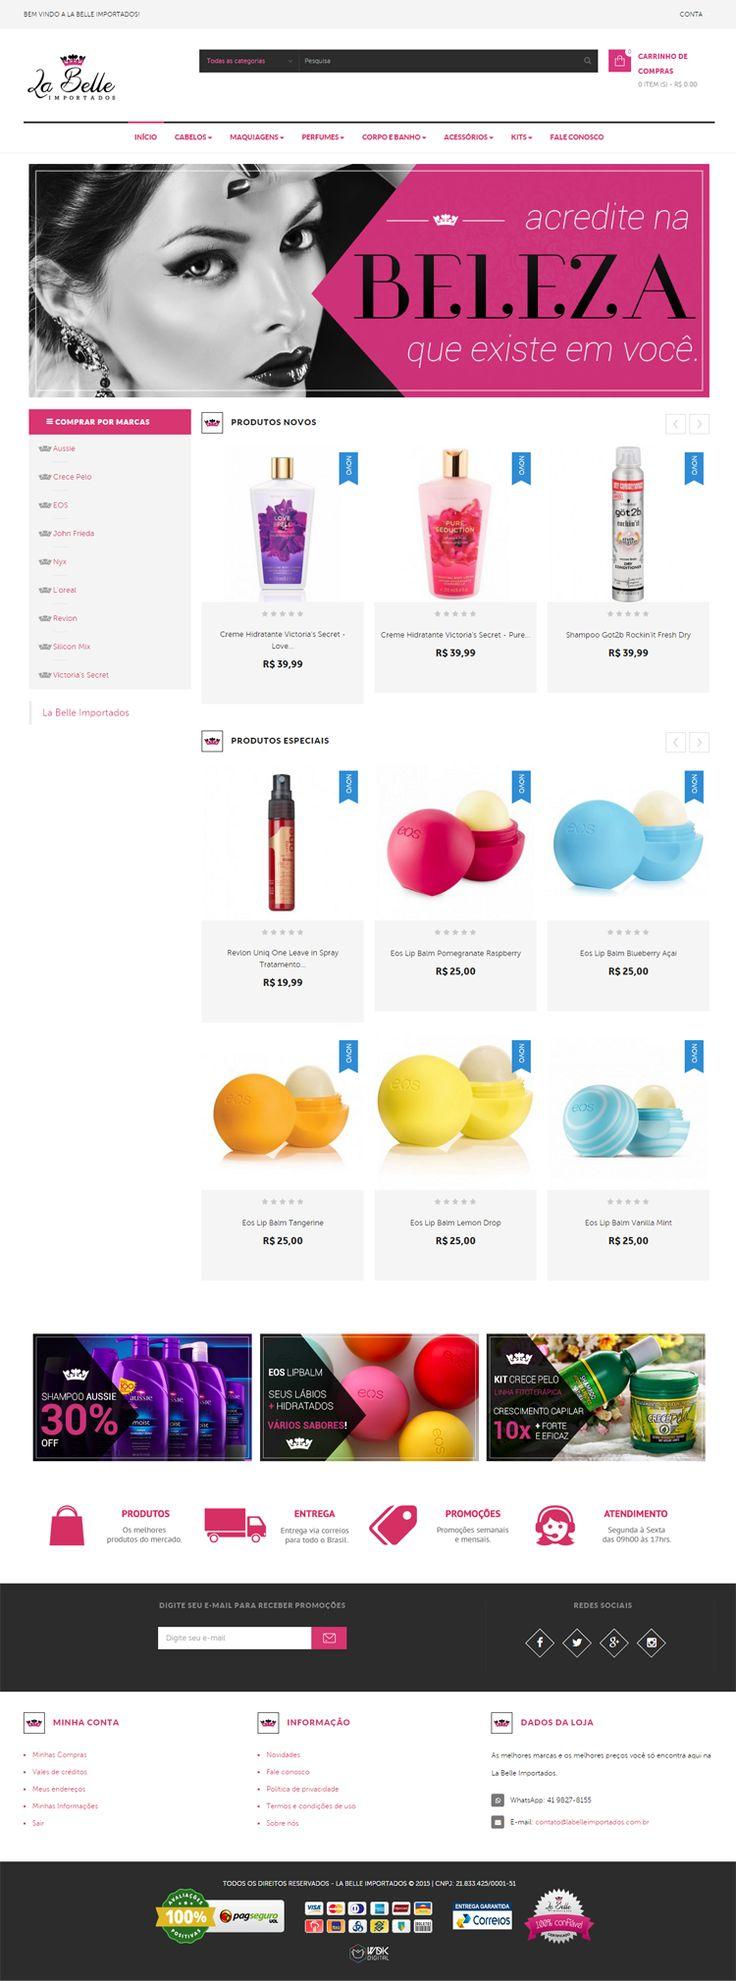 WDK Digital - Portfólio | Agência WEB Curitiba, Criação de Sites, E-Commerce, Marketing Digital, Identidade Visual e Comunicação Visual.